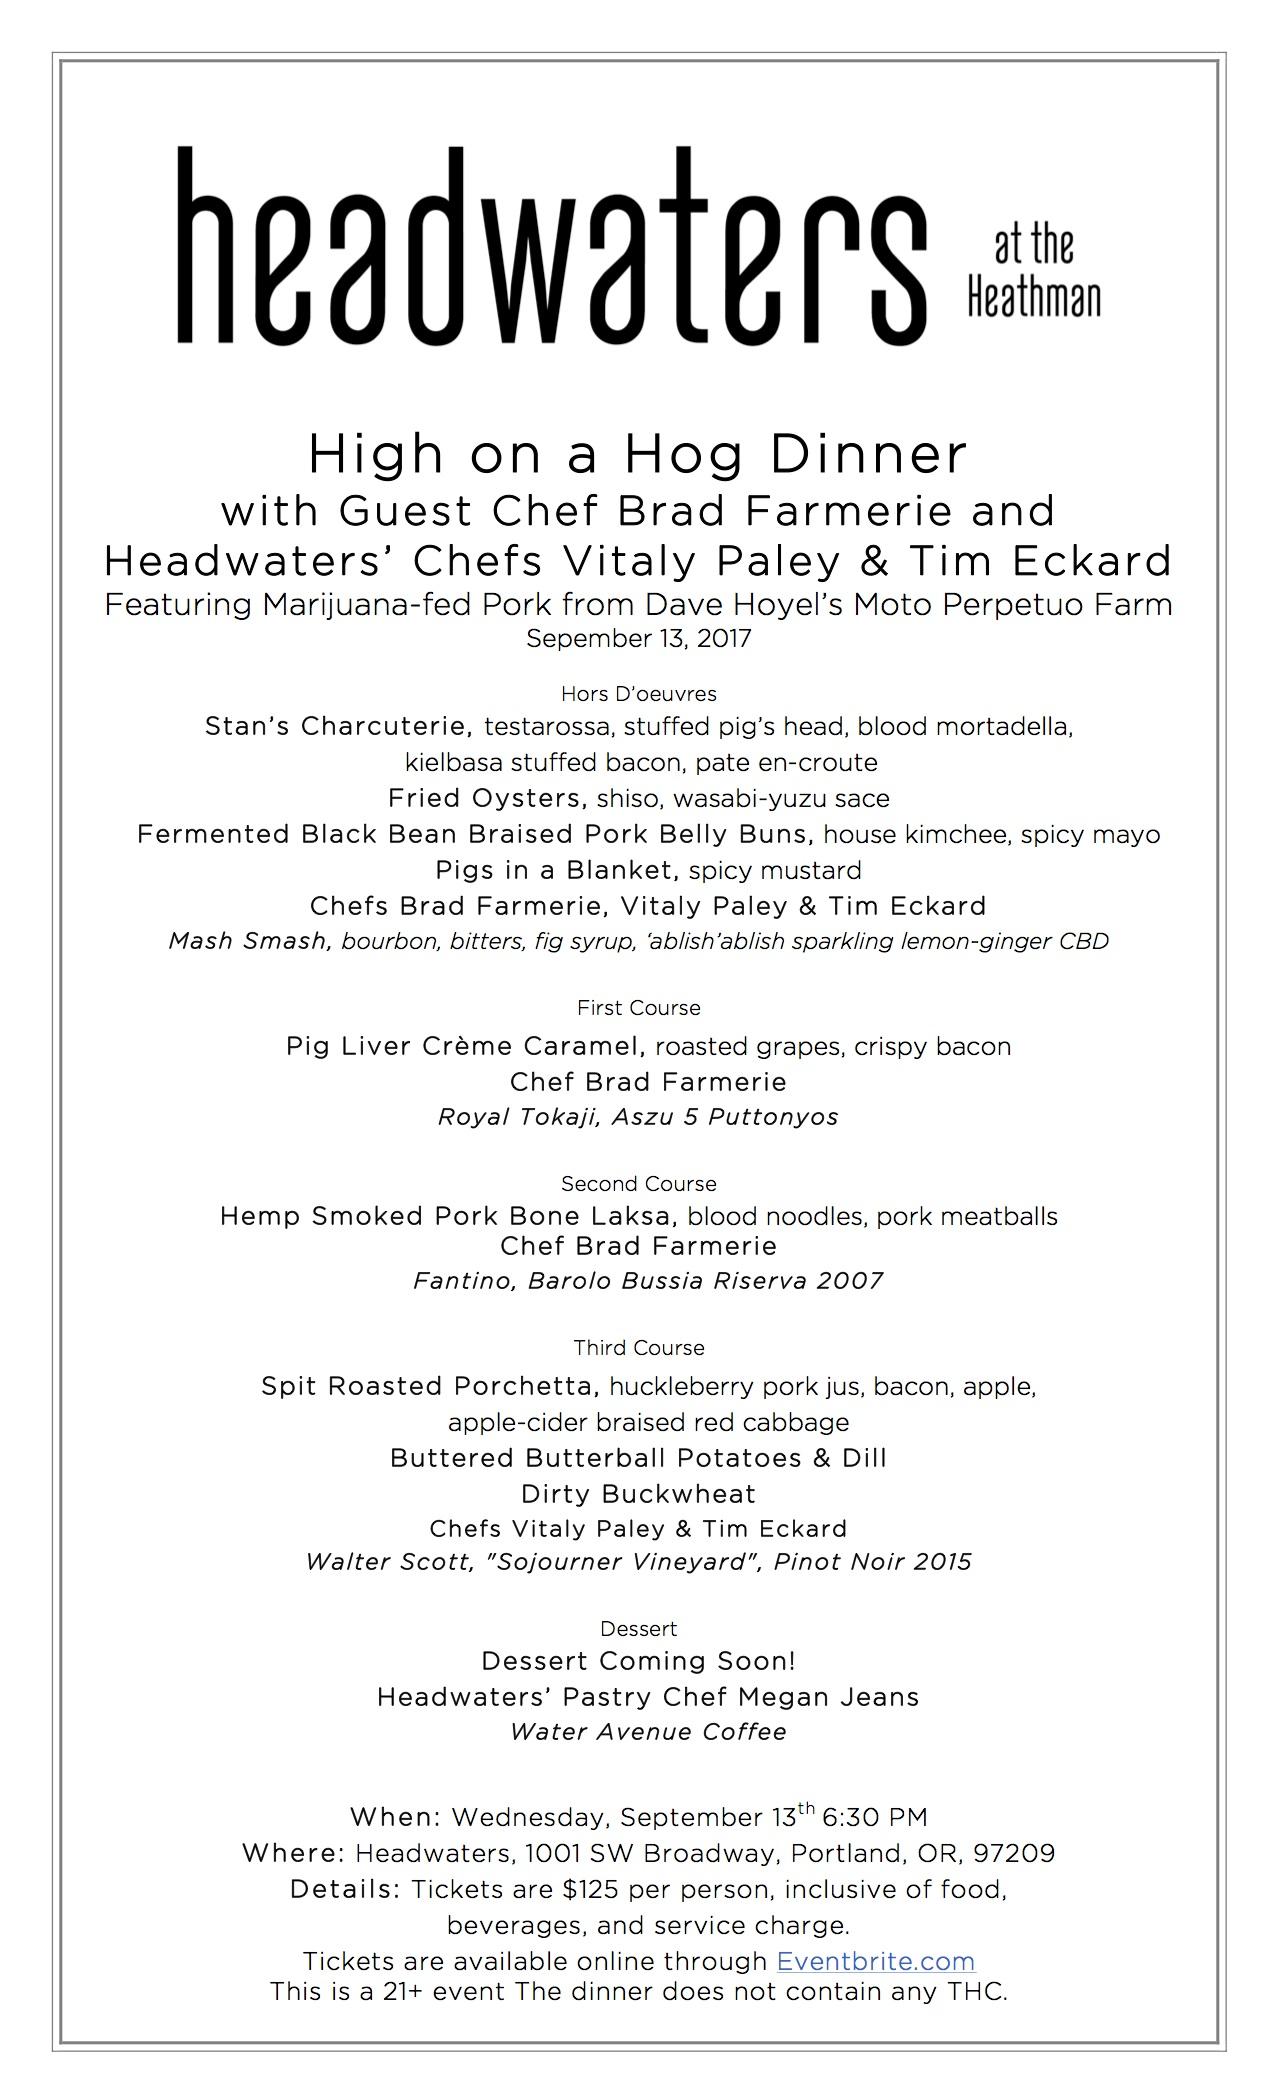 High on a Hog Menu